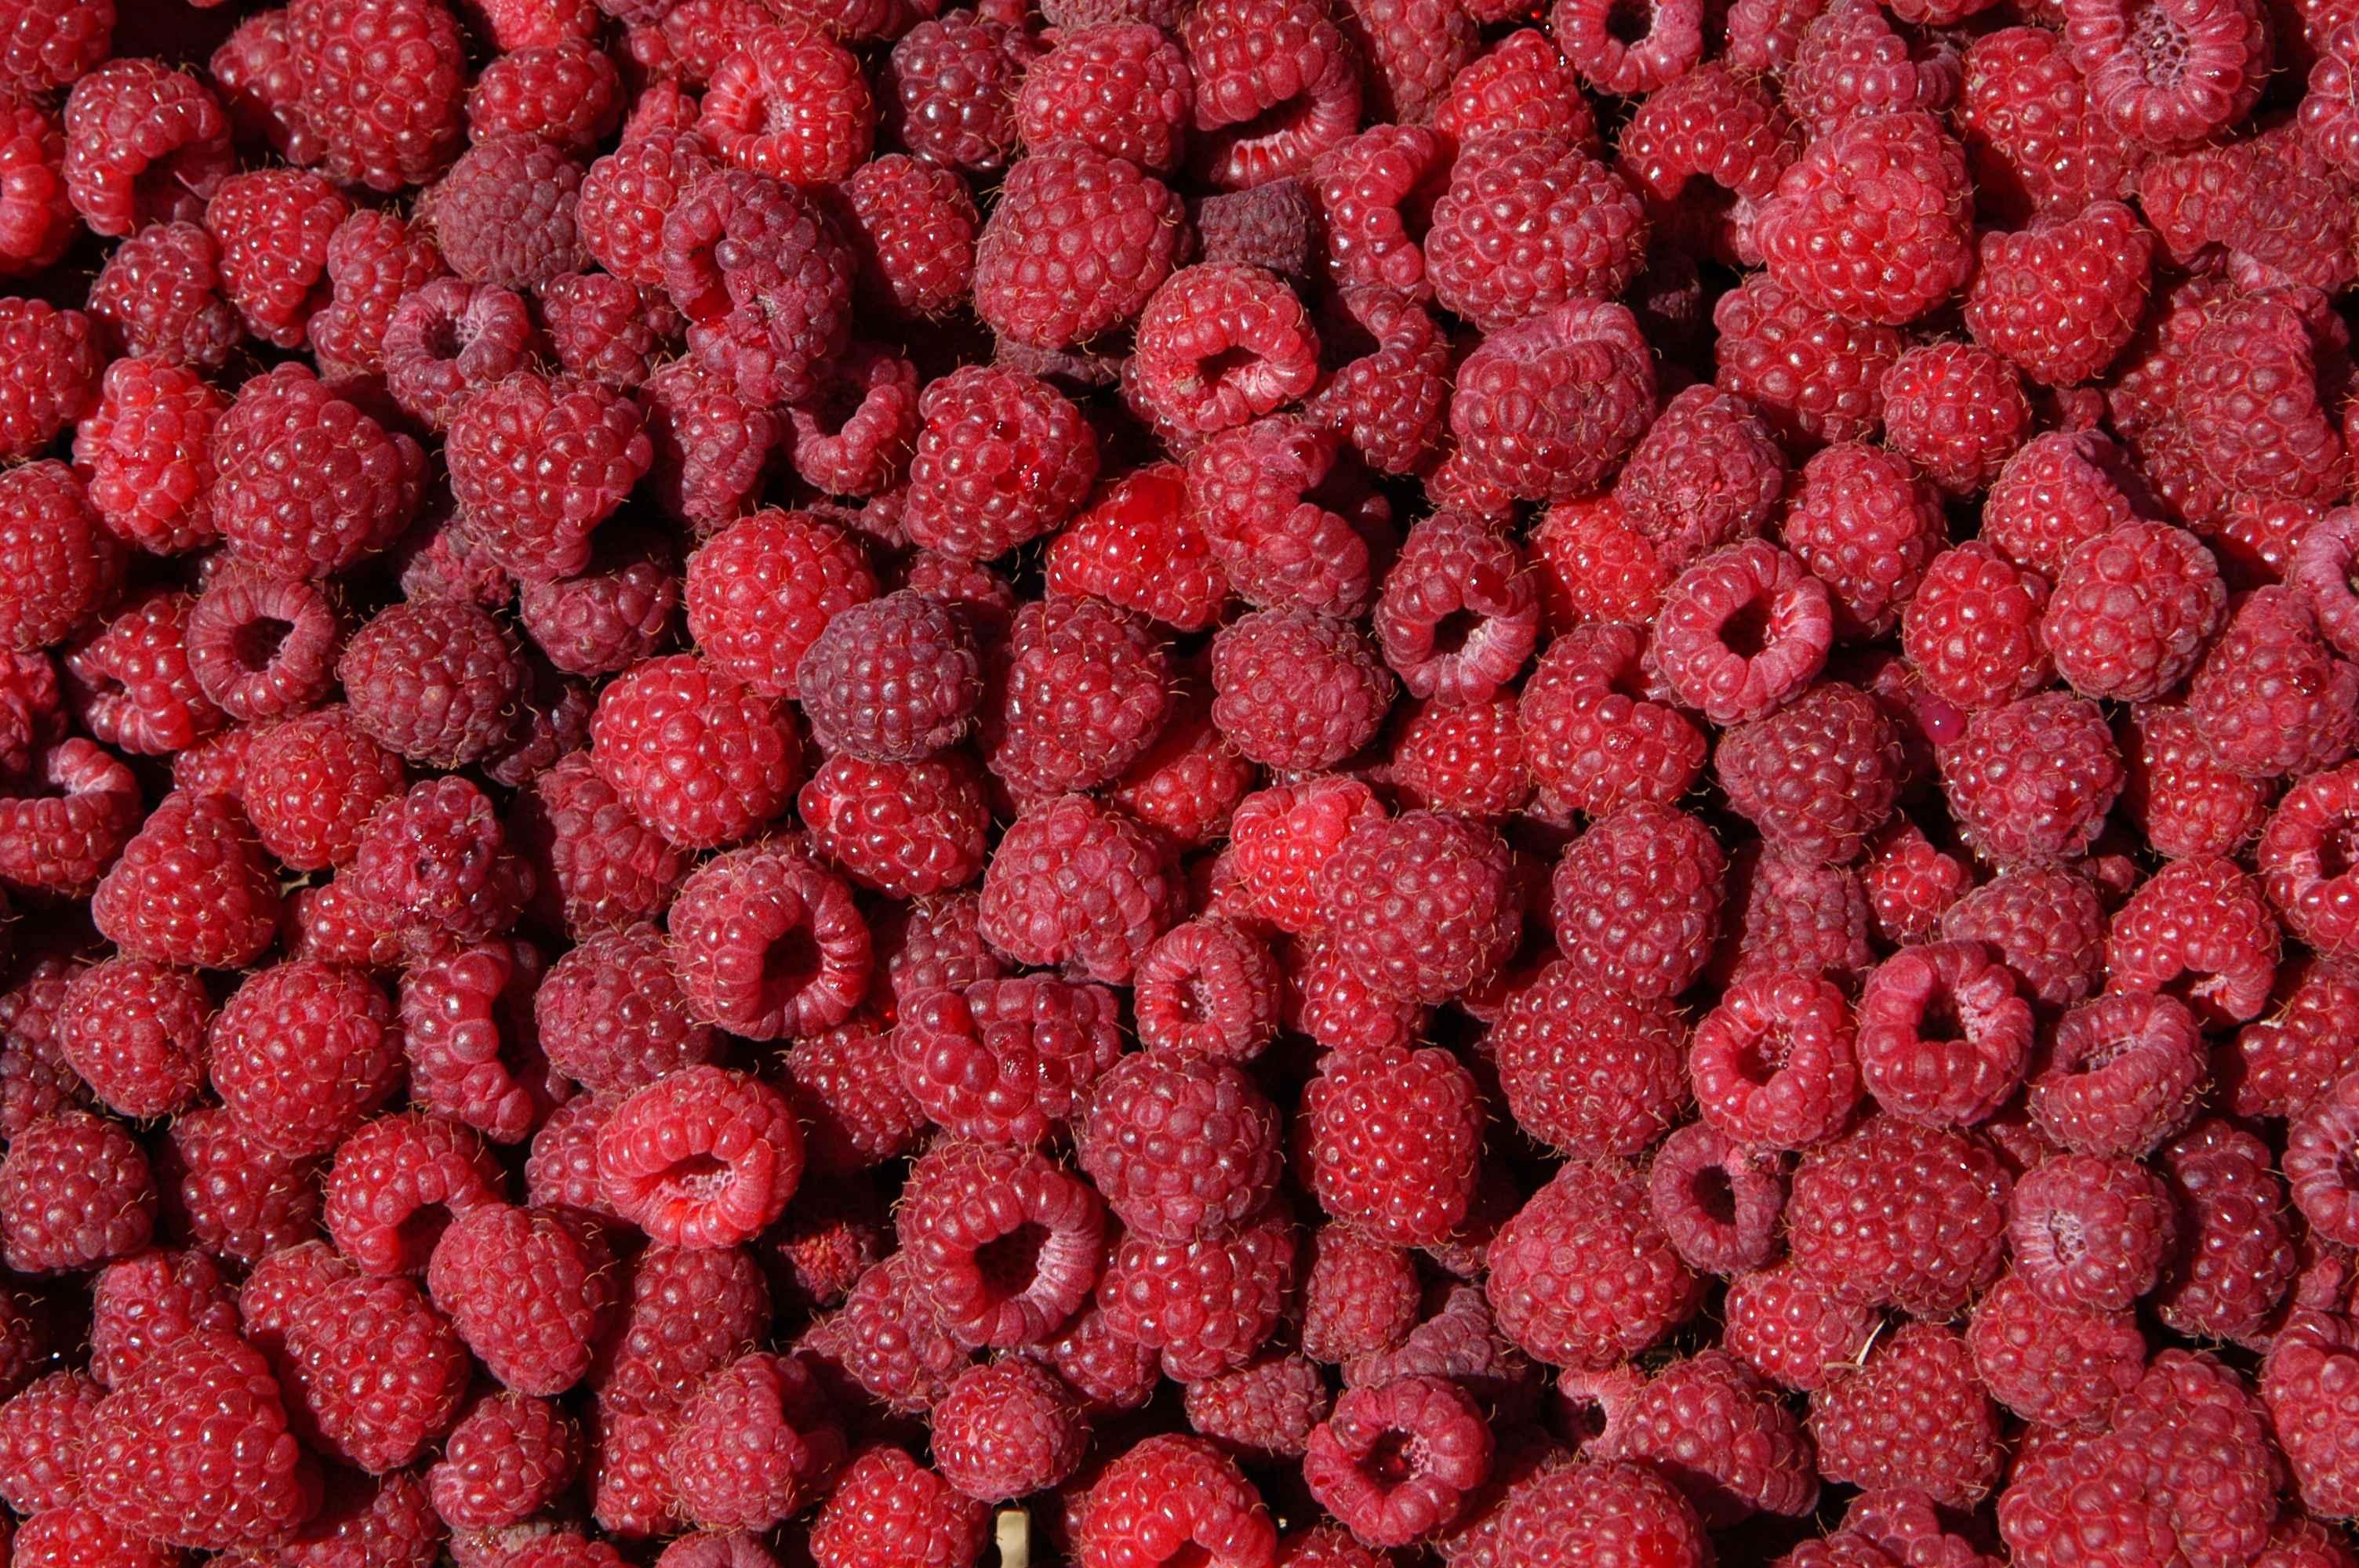 Récolte Framboises © Prevost, Domaine du Framboisier